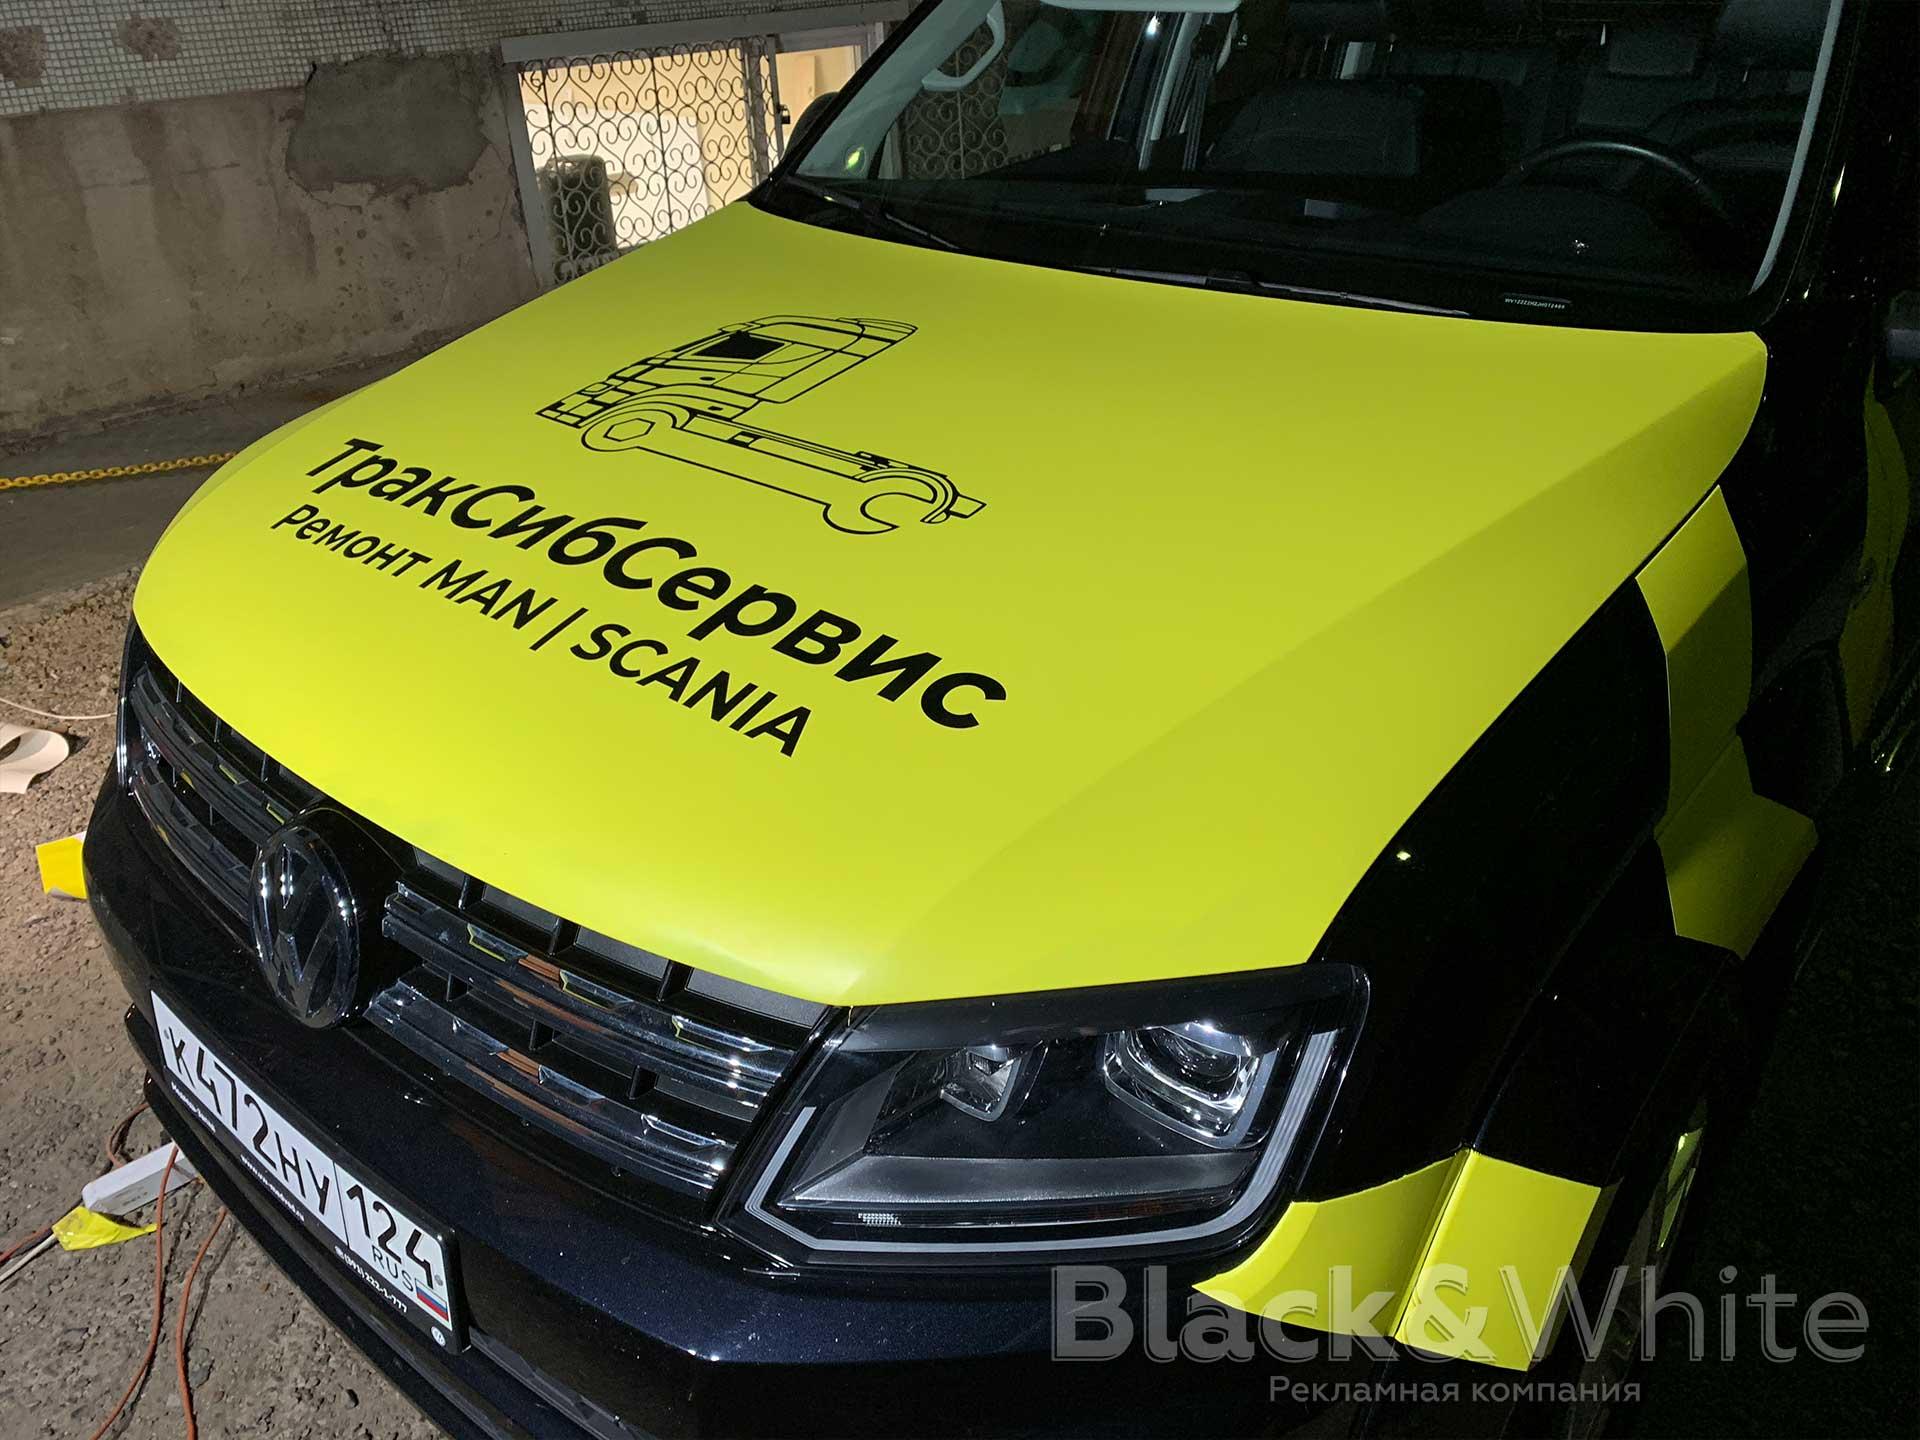 Изготовление-реклама-на-автомобиль-в-Красноярске-Брендирование-легковых-авто.jpg